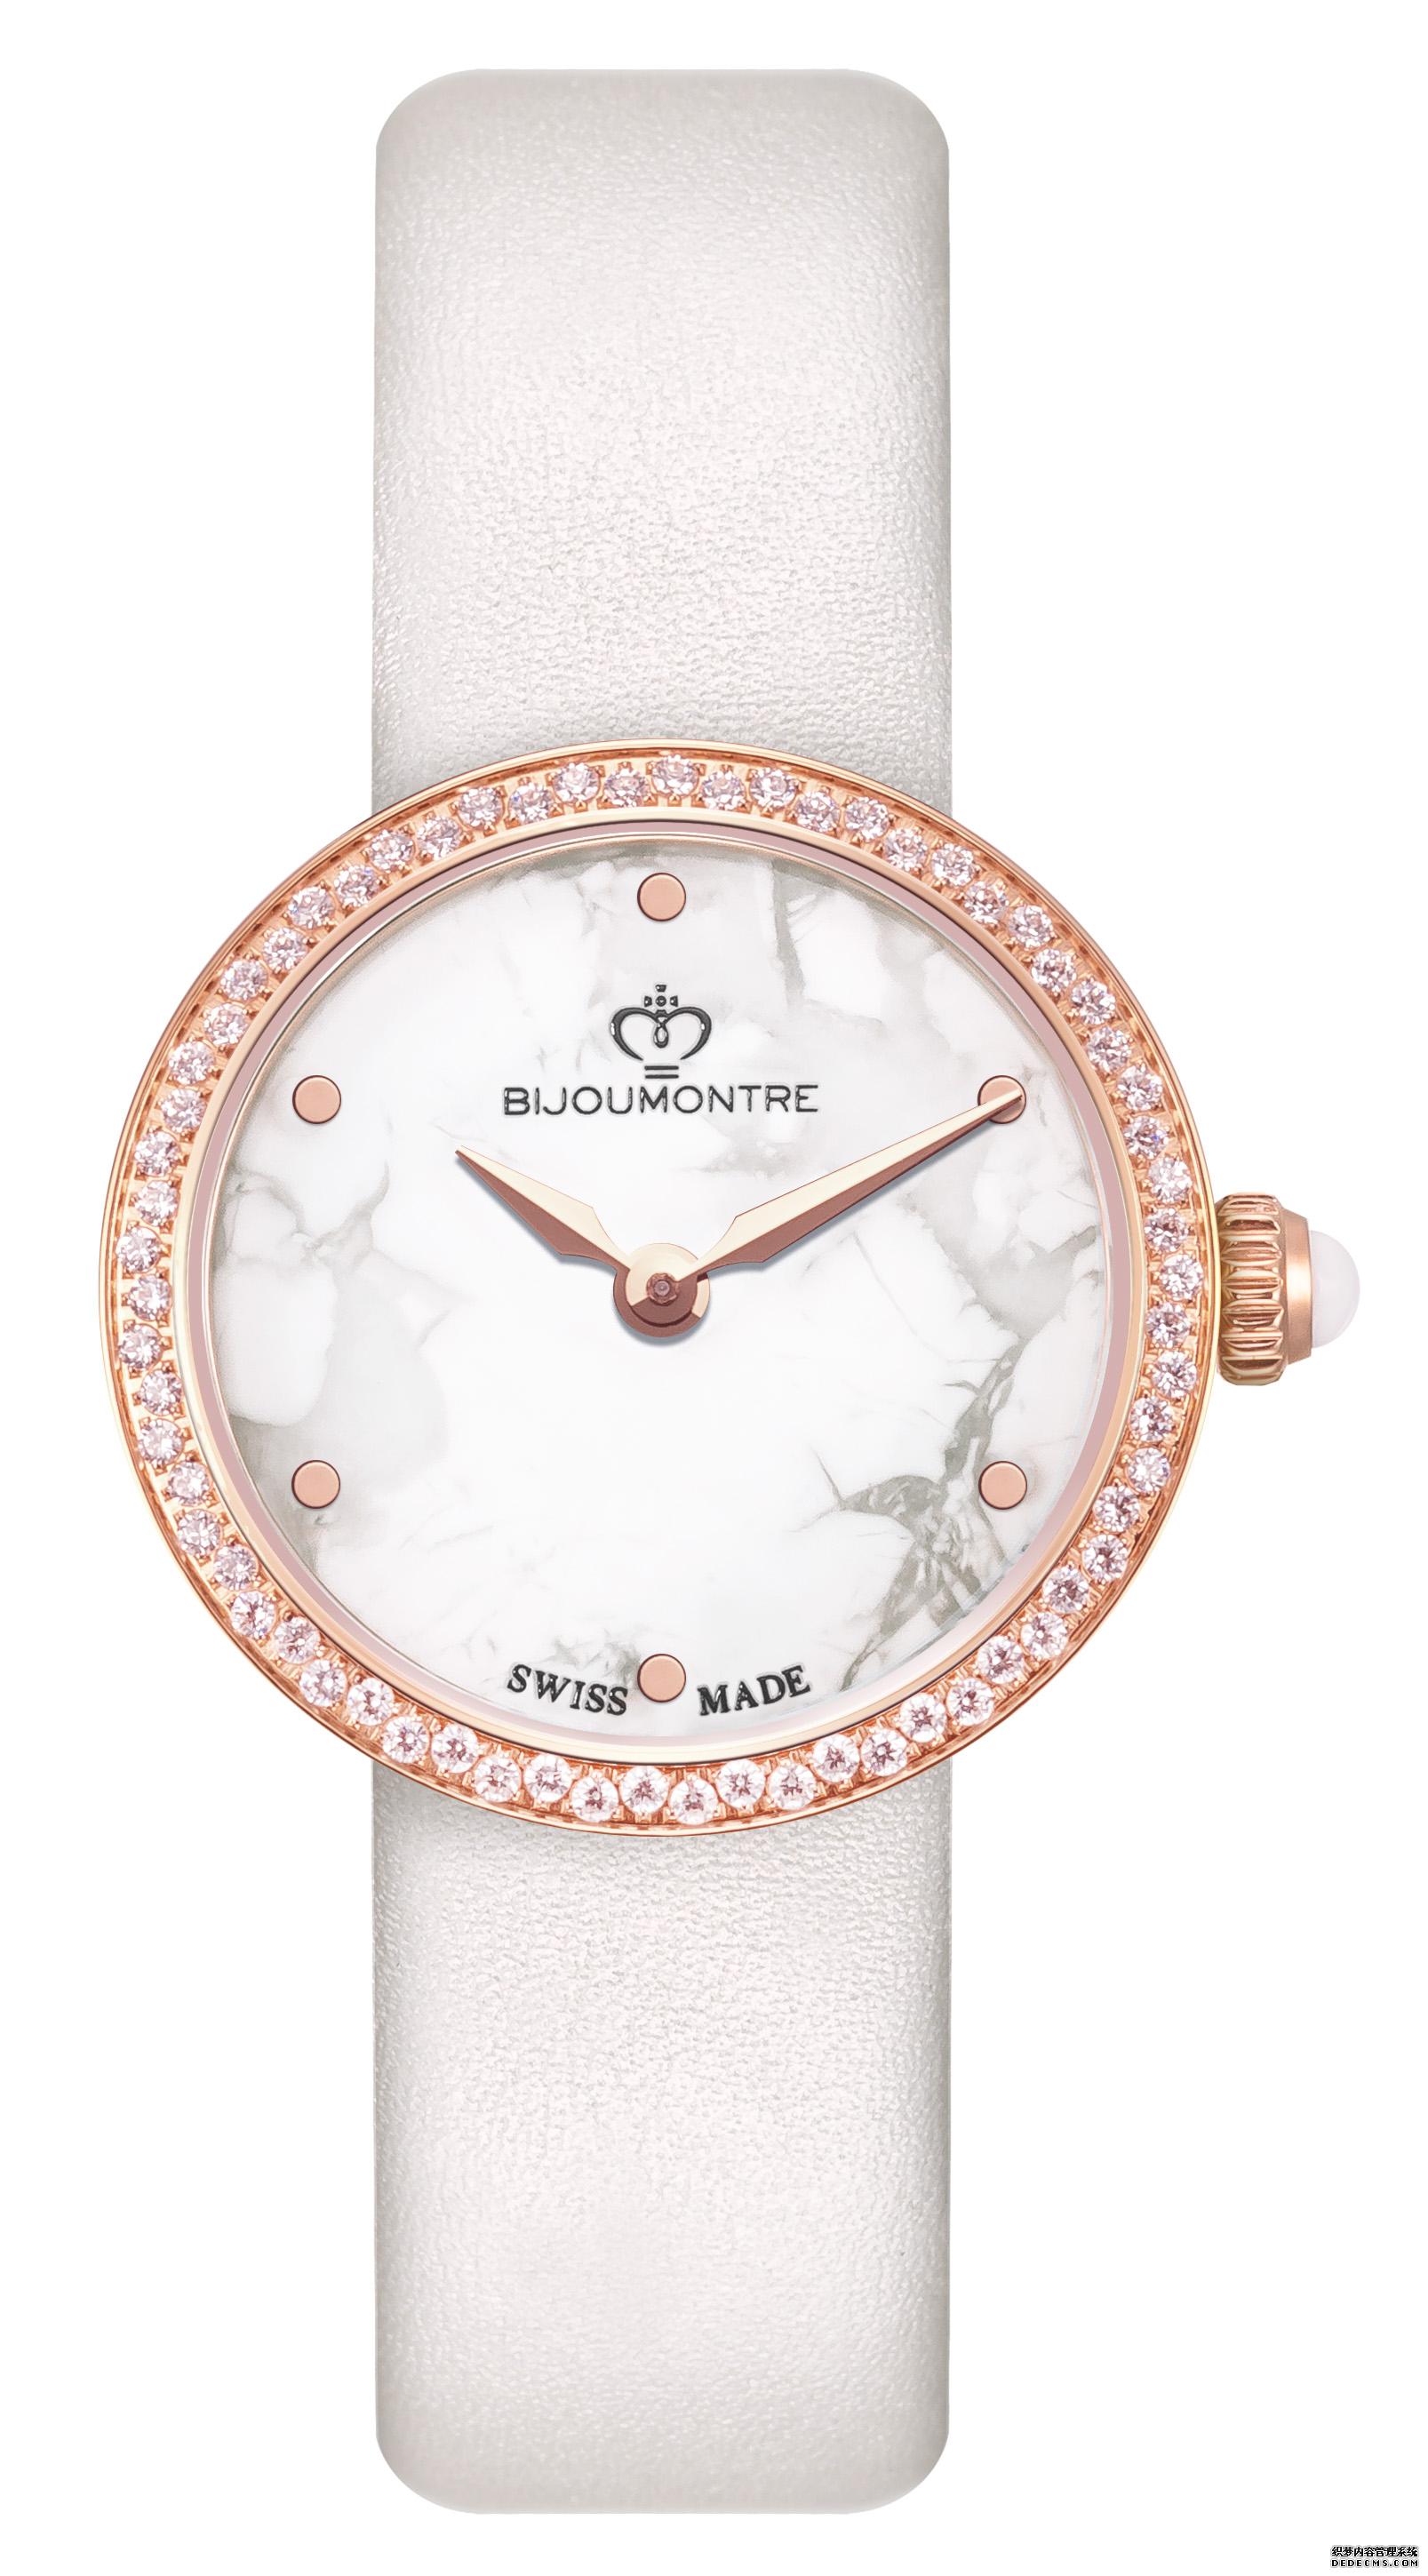 时尚女性百搭最佳饰品,瑞士宝爵腕表展现你由